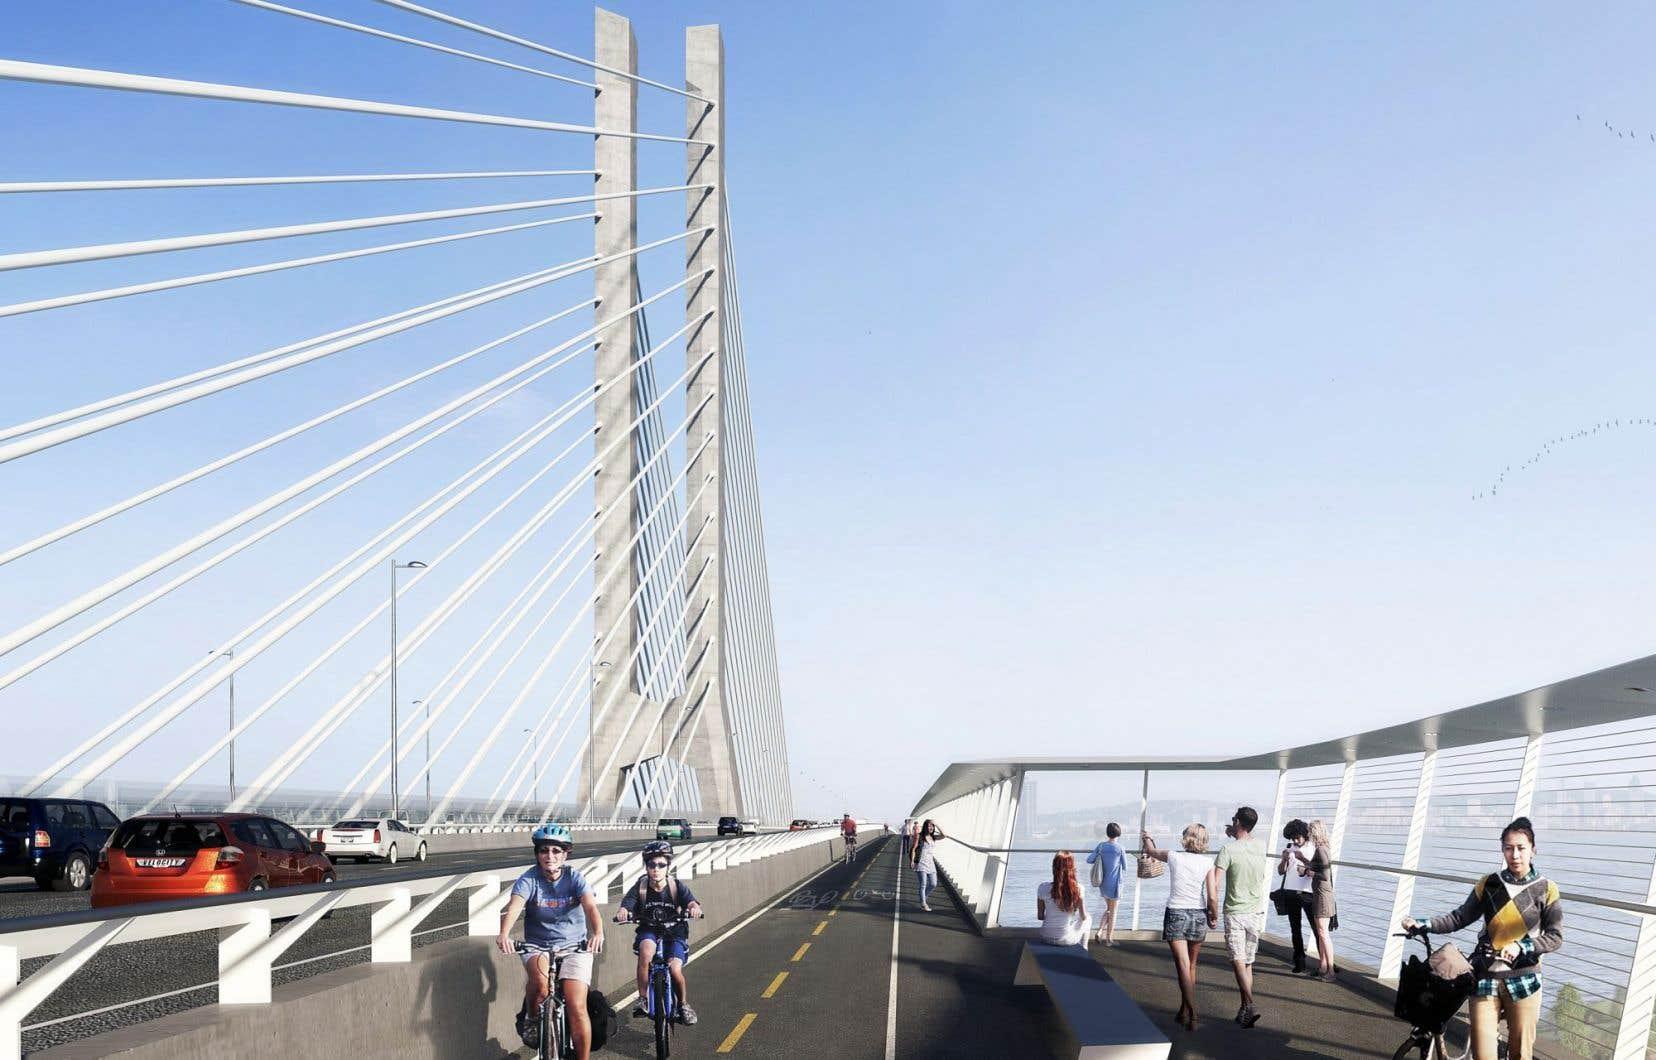 Maquette du futur pont Champlain lorsqu'il aura été refait. Imposer un péage seulement à ce pont sans agir sur les autres ne sera pas très efficace pour améliorer la circulation sur et autour de l'île de Montréal, selon des experts.